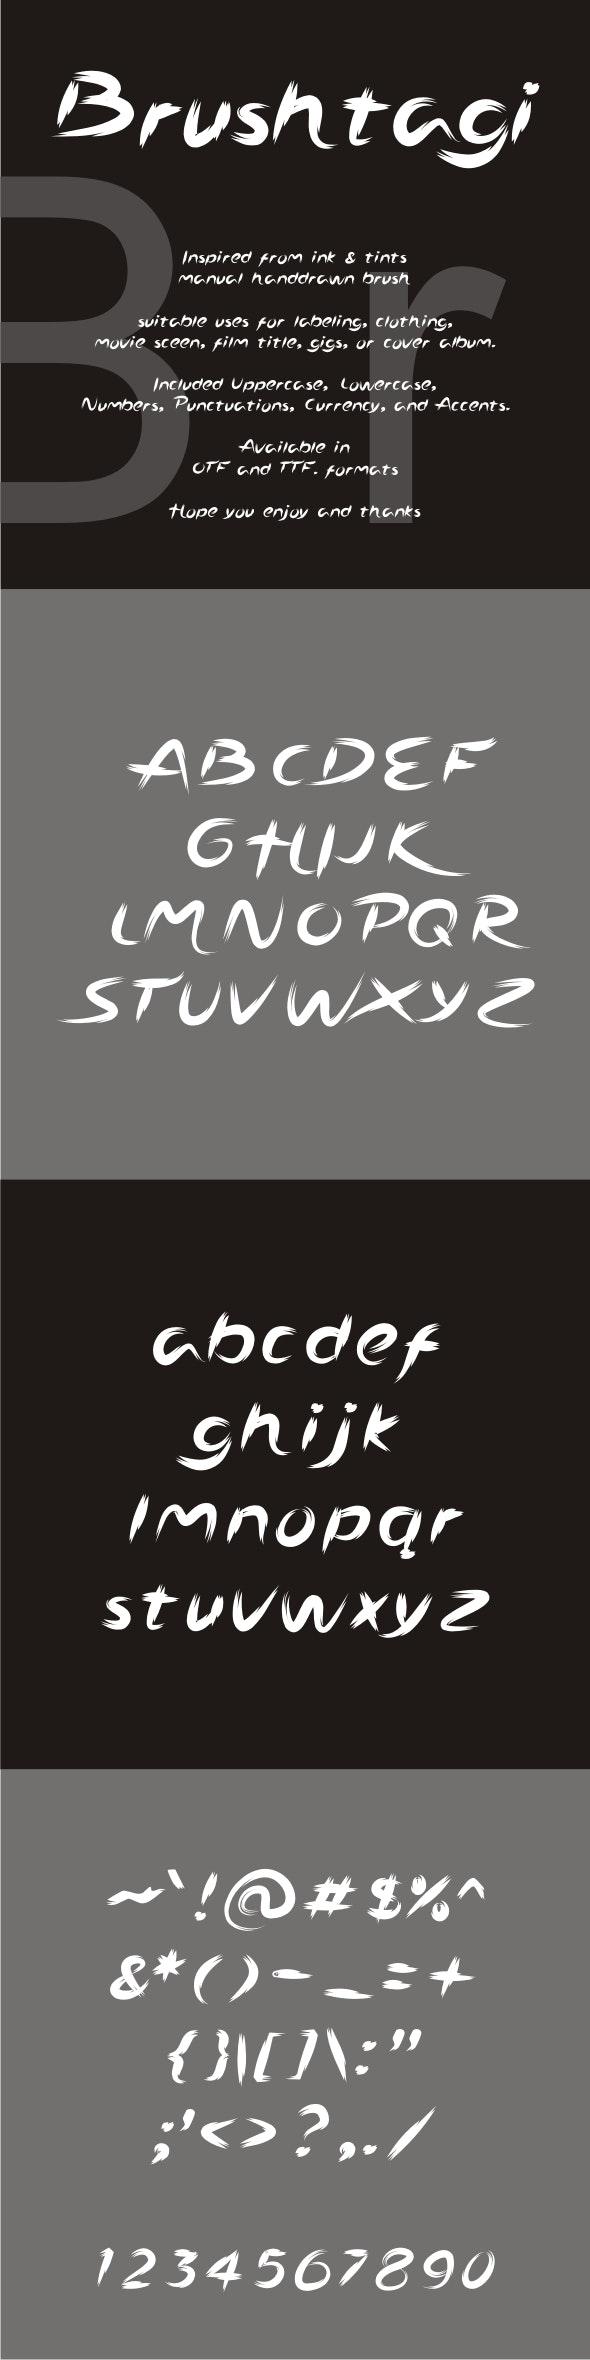 Brushtagi - Hand-writing Script